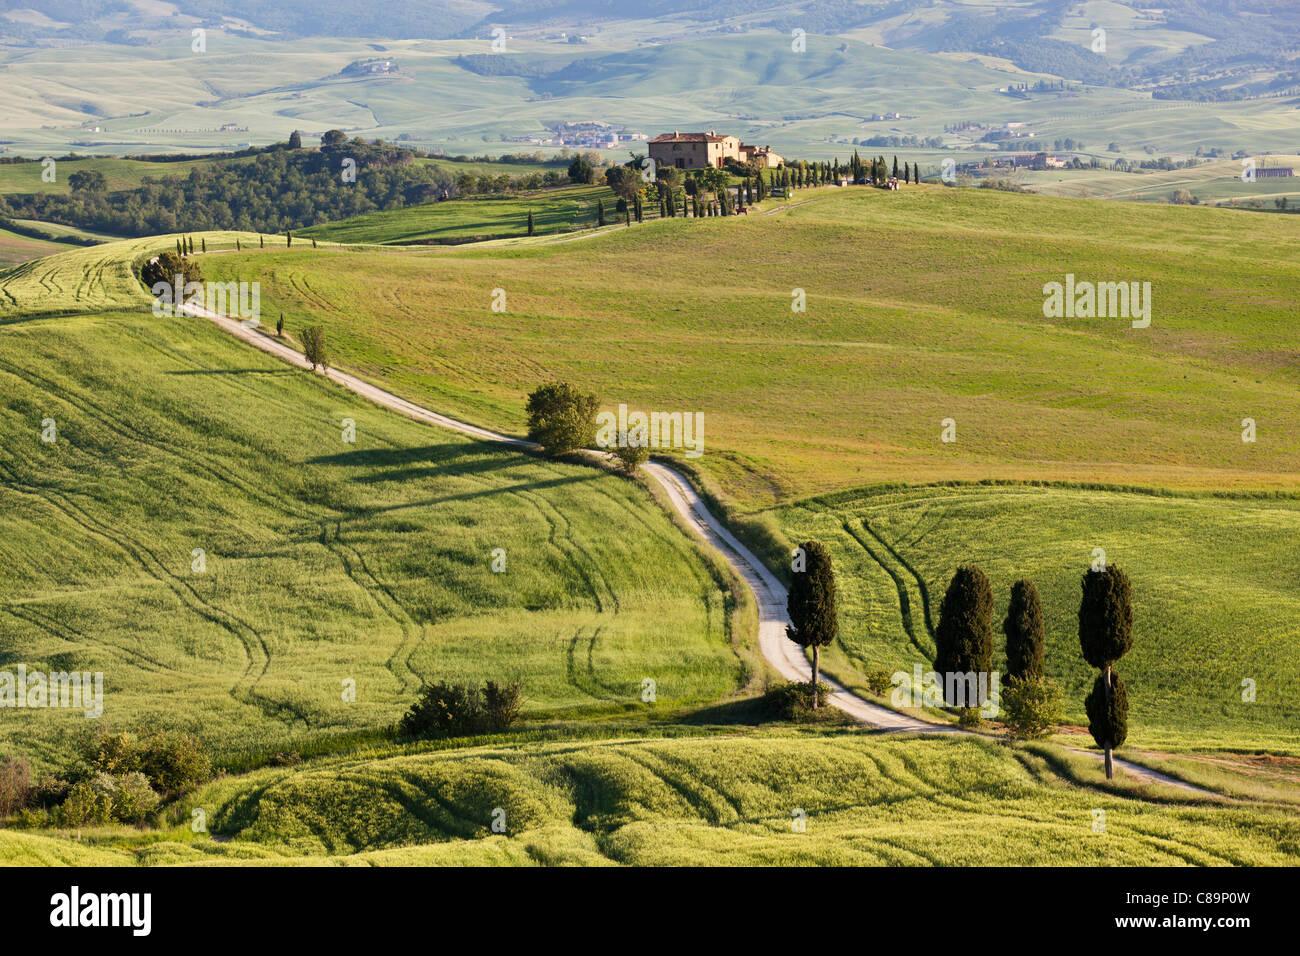 Italien, Toskana, Val d ' Orcia, Blick auf die hügelige Landschaft und Bauernhof mit Zypressen Stockbild